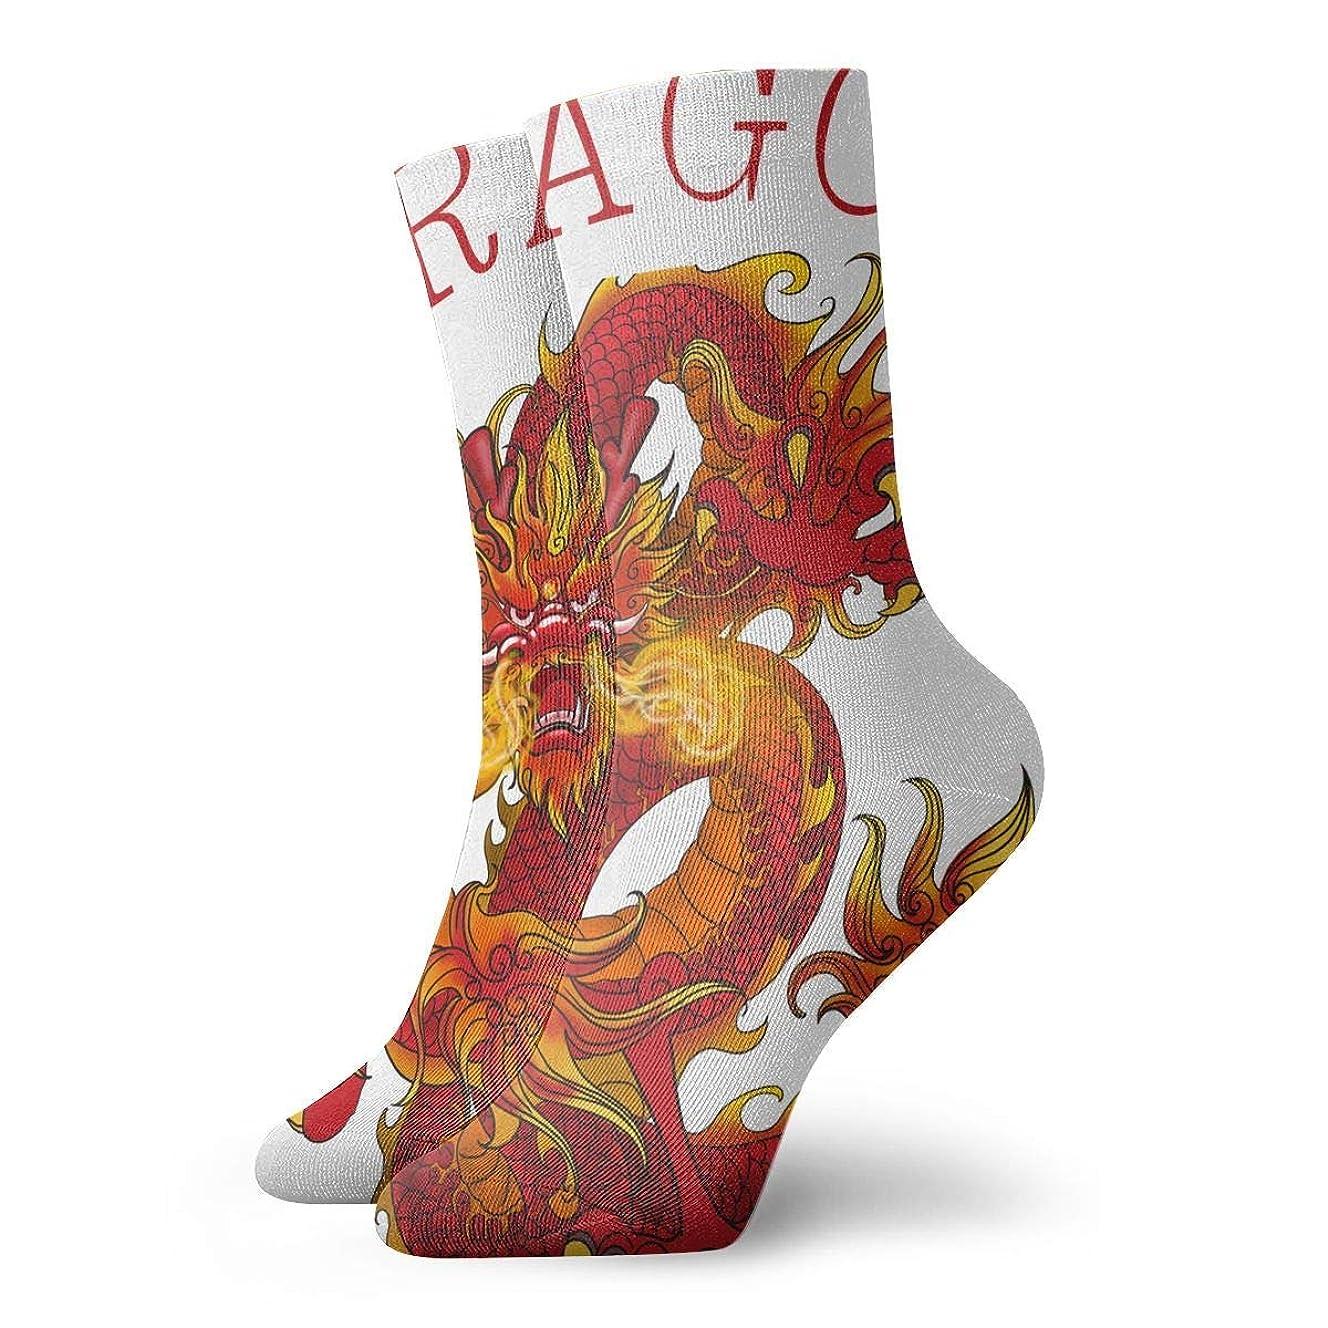 尾始めるマイクロqrriyノベルティデザインクルーソックス、クールな中国の火災の炎のドラゴン、クリスマス休暇クレイジー楽しいカラフルな派手な靴下、冬暖かいストレッチクルーソックス